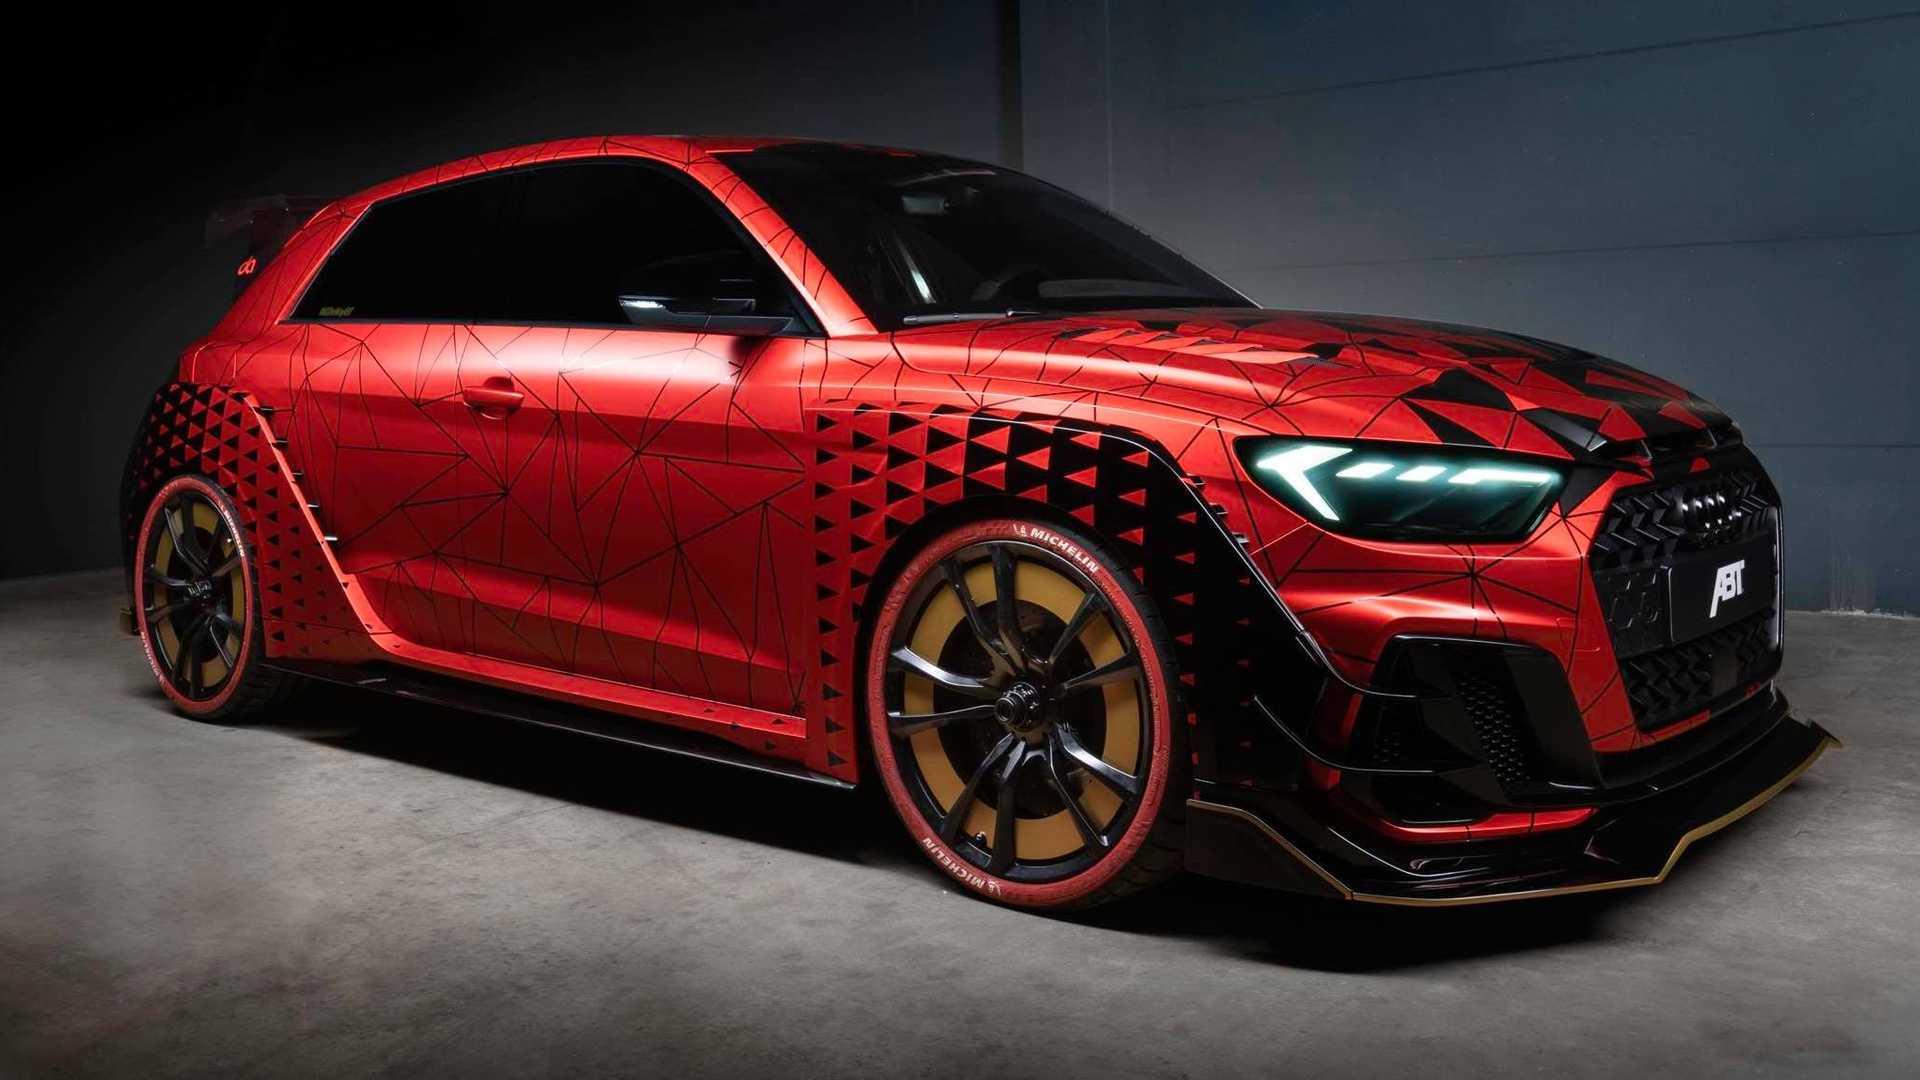 Ателье АВТ уже дорабатывало новый хэтчбек Audi A1, но проект One of One, пожалуй, самый безумный: под капот компакта тюнеры установили двигатель от гоночного болида Audi TT Cup.